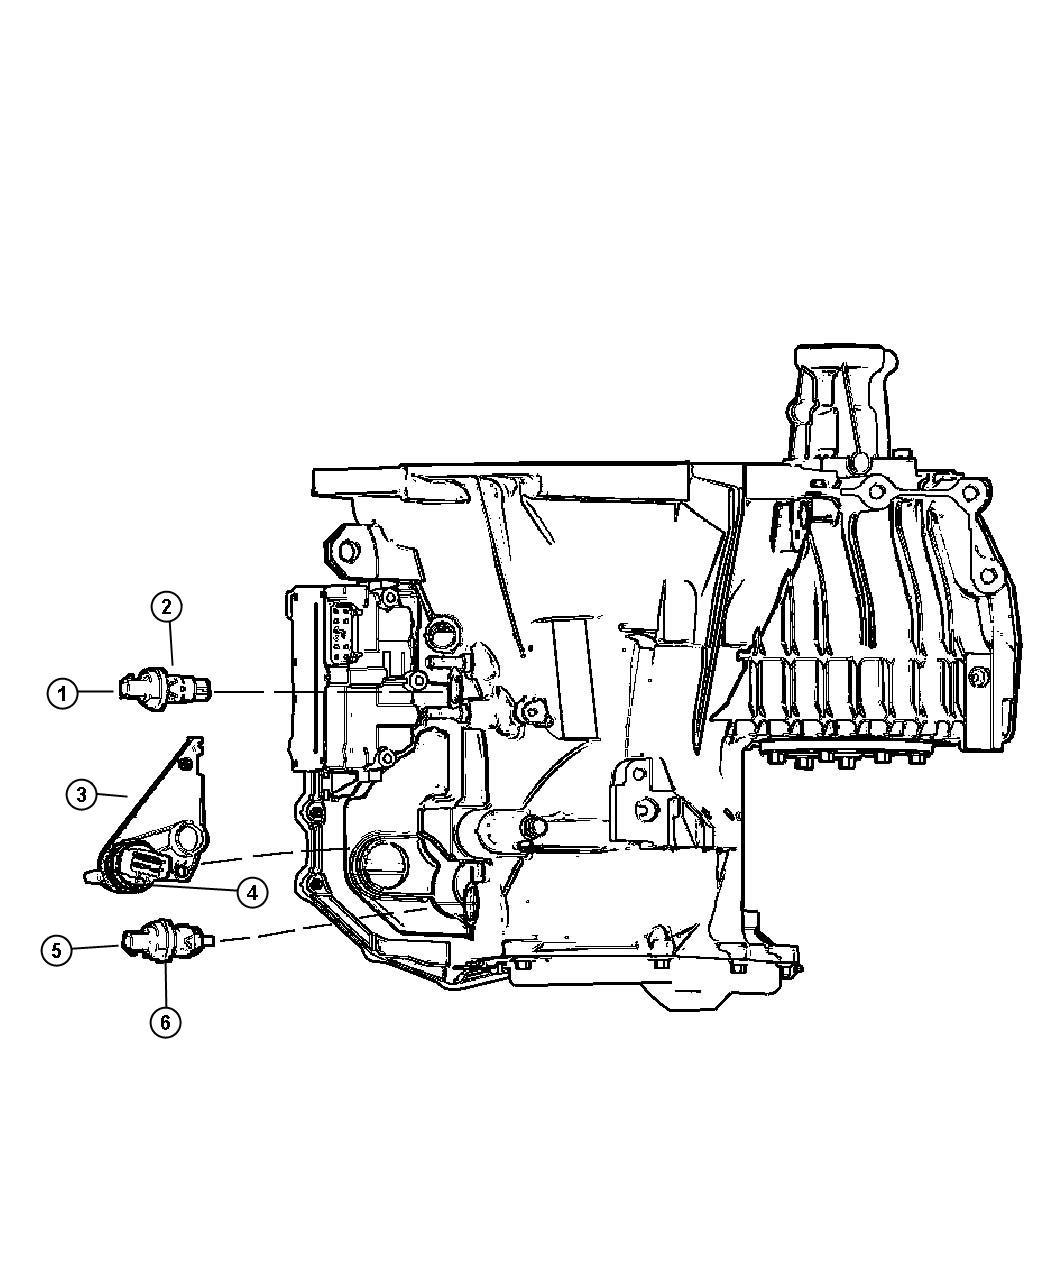 caravan engine diagram on pt cruiser neutral safety switch location